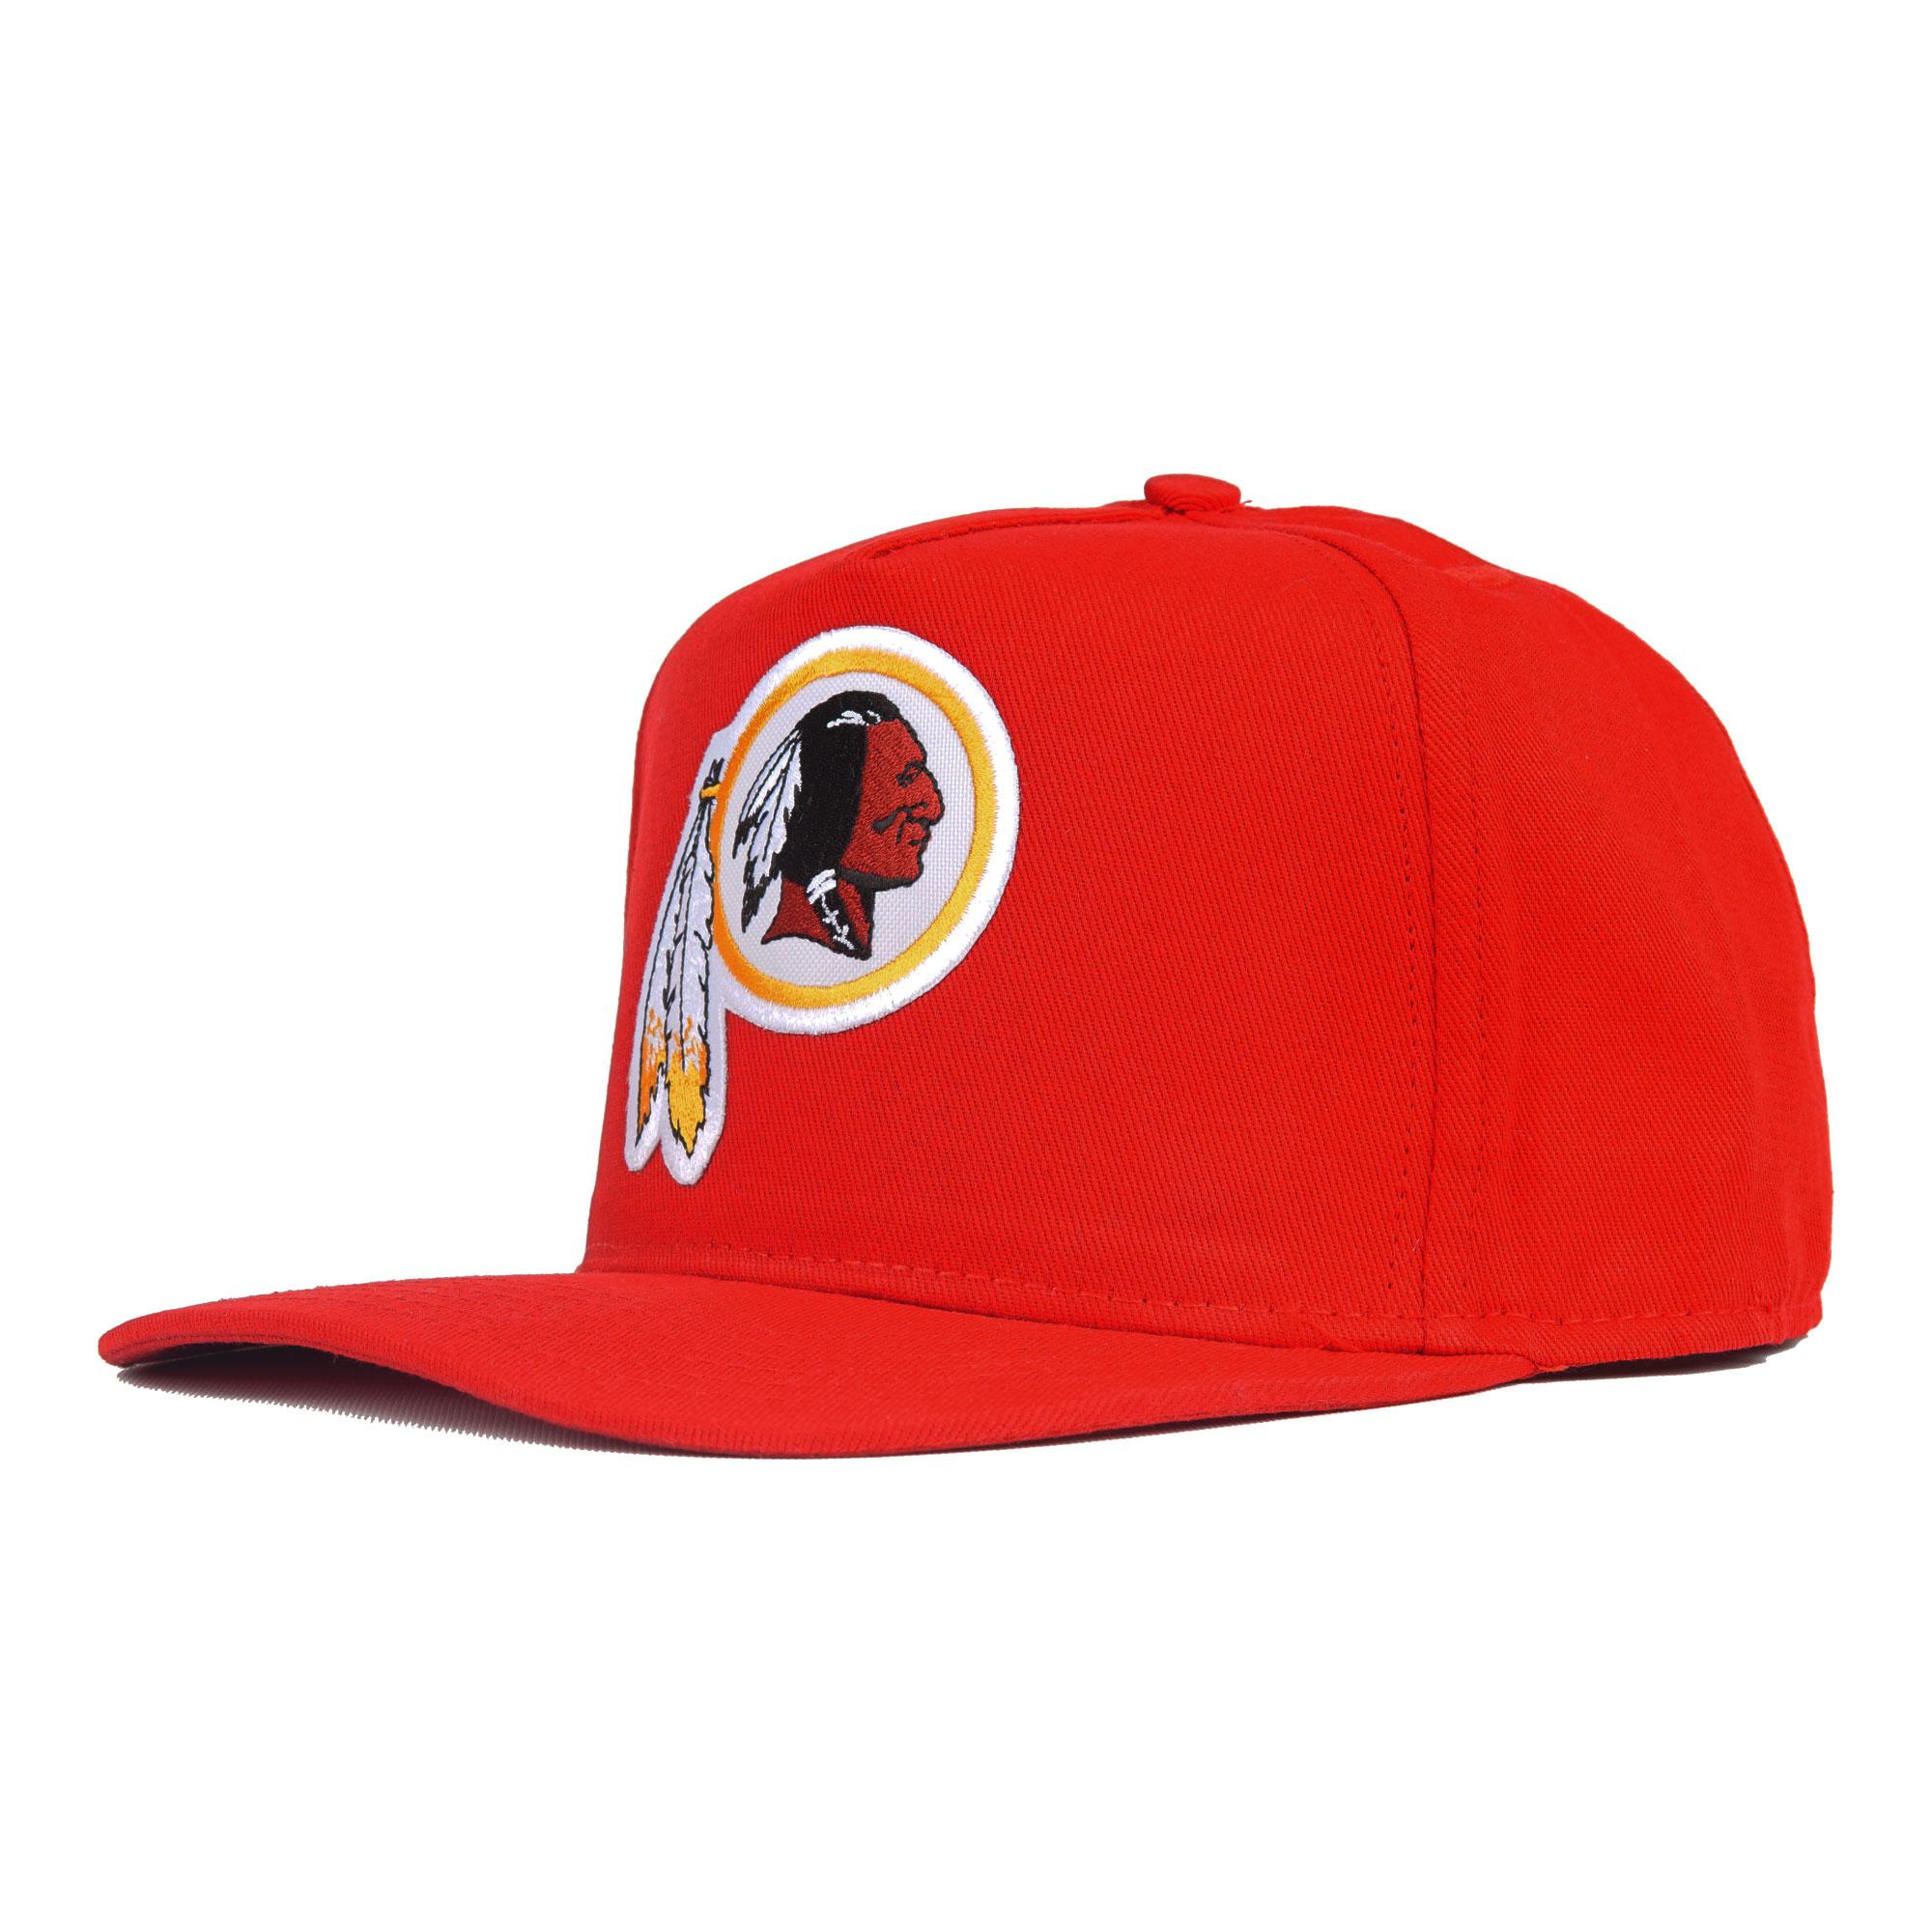 Redskins Şapka (CAP-RED-NFL-REDSKINS)